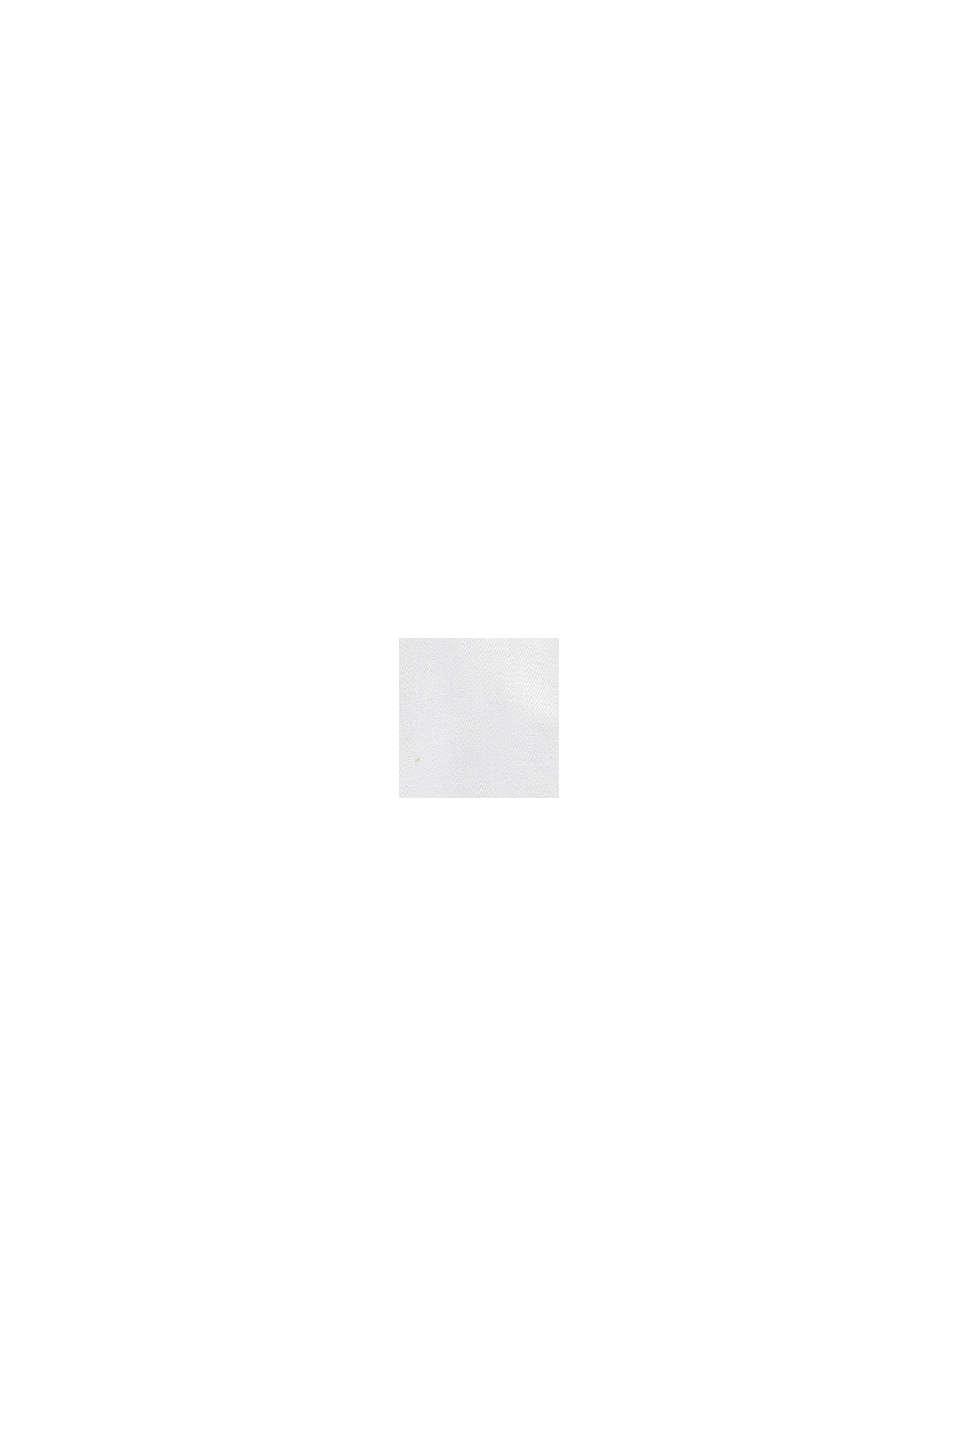 Vaqueros cortos de algodón elástico, WHITE, swatch